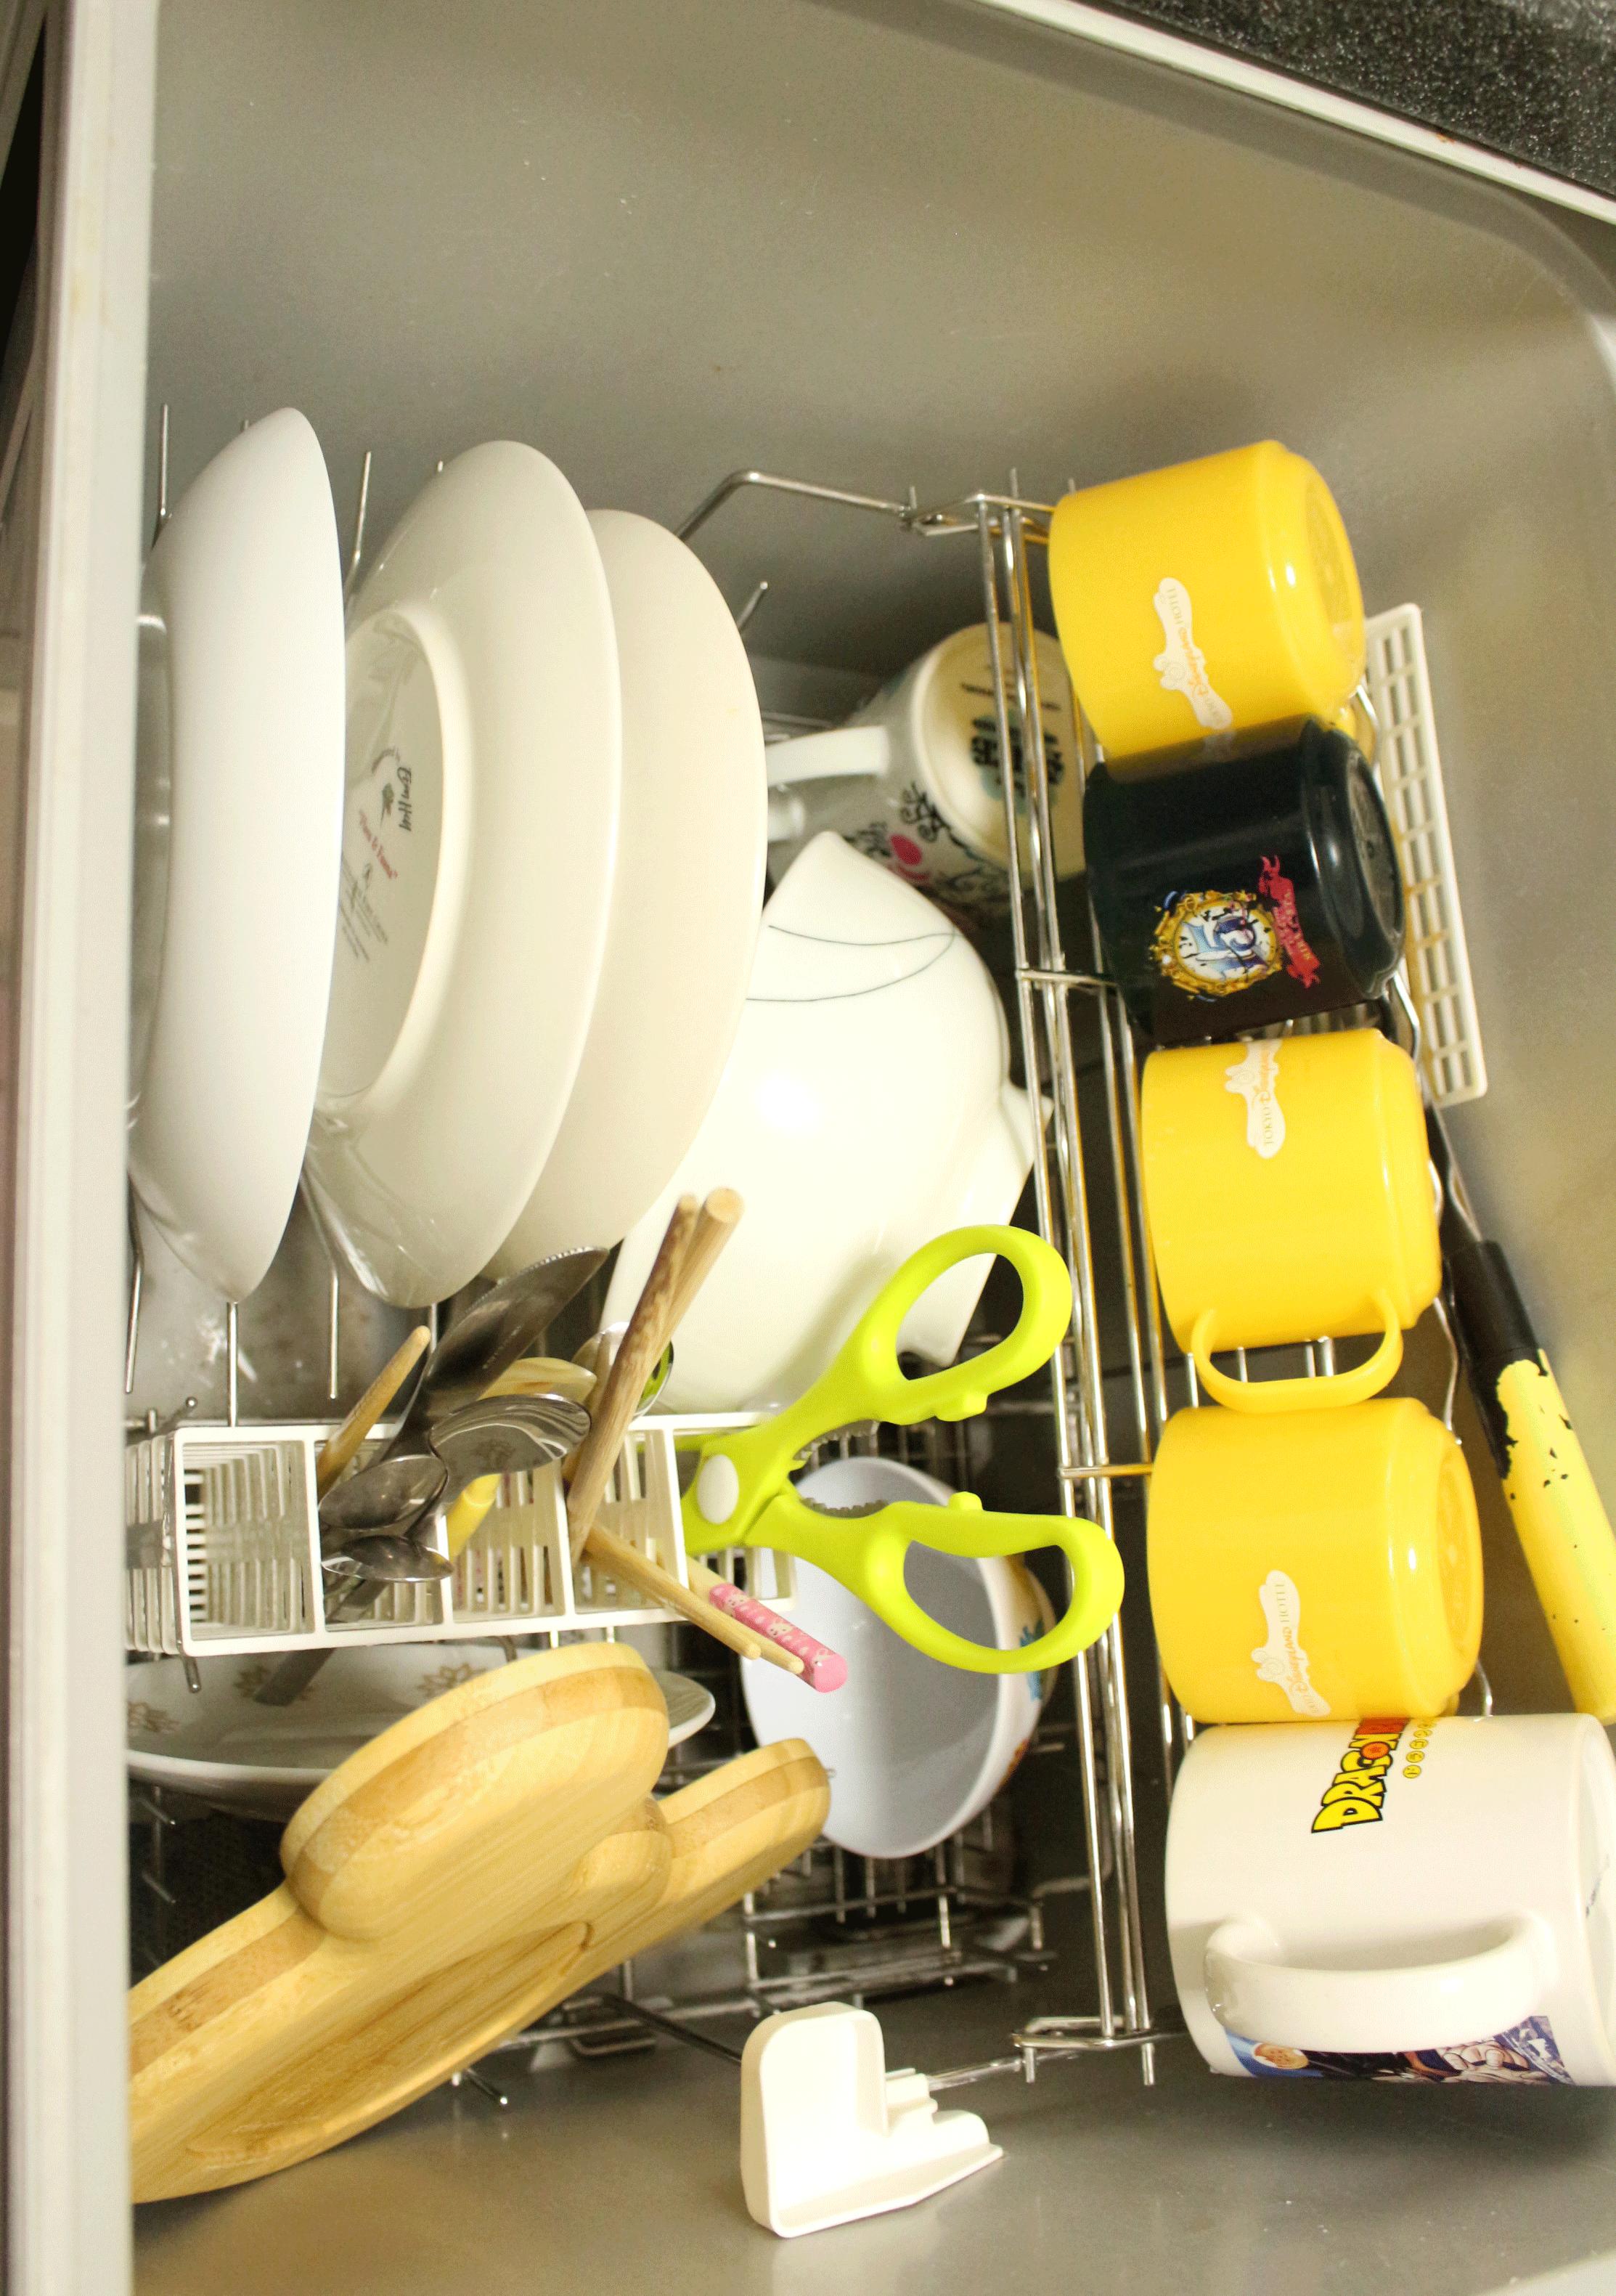 ハーマン,食洗器,使用水量,節水,ビルトイン